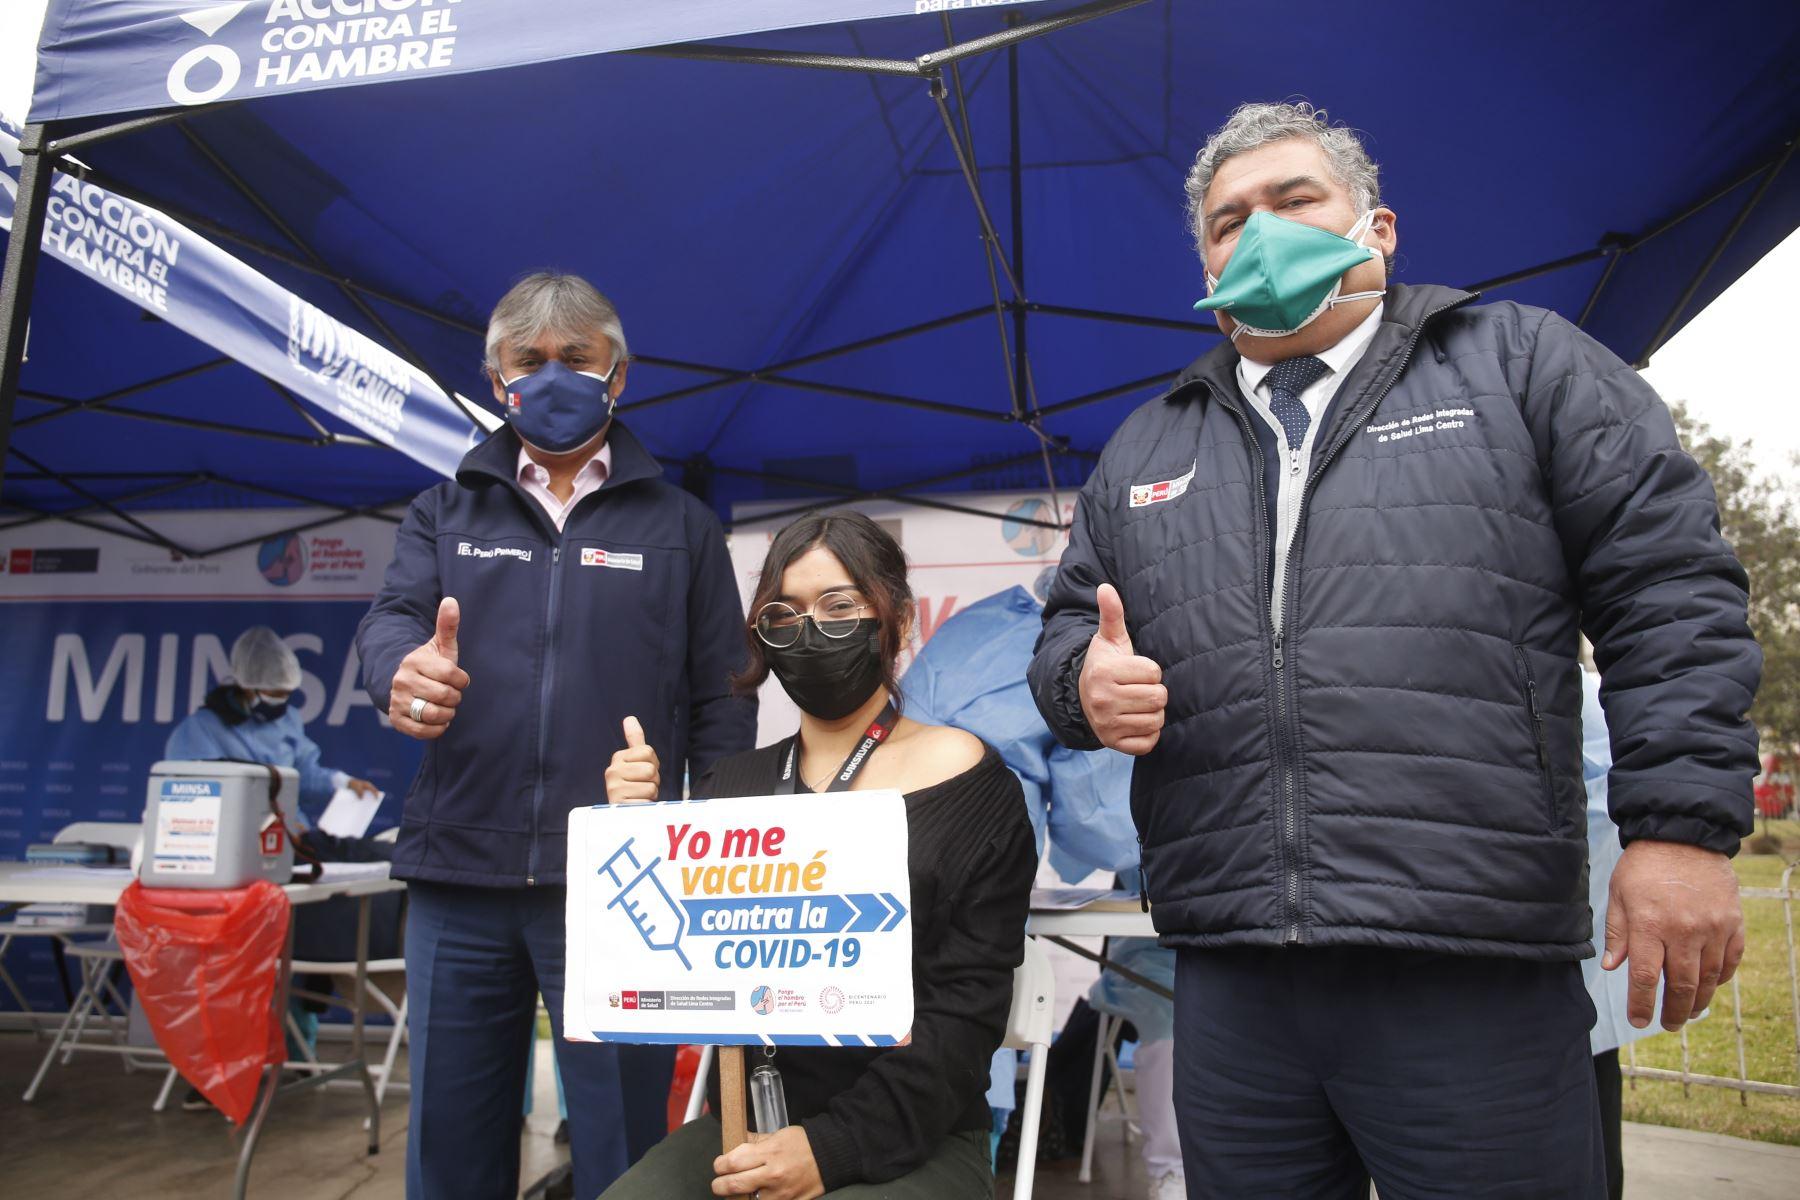 Viceministro  de Prestaciones y Aseguramiento en Salud, Bernardo  Ostos  , supervisa campaña de Salud en San Juan de Lurigancho. Foto: Minsa